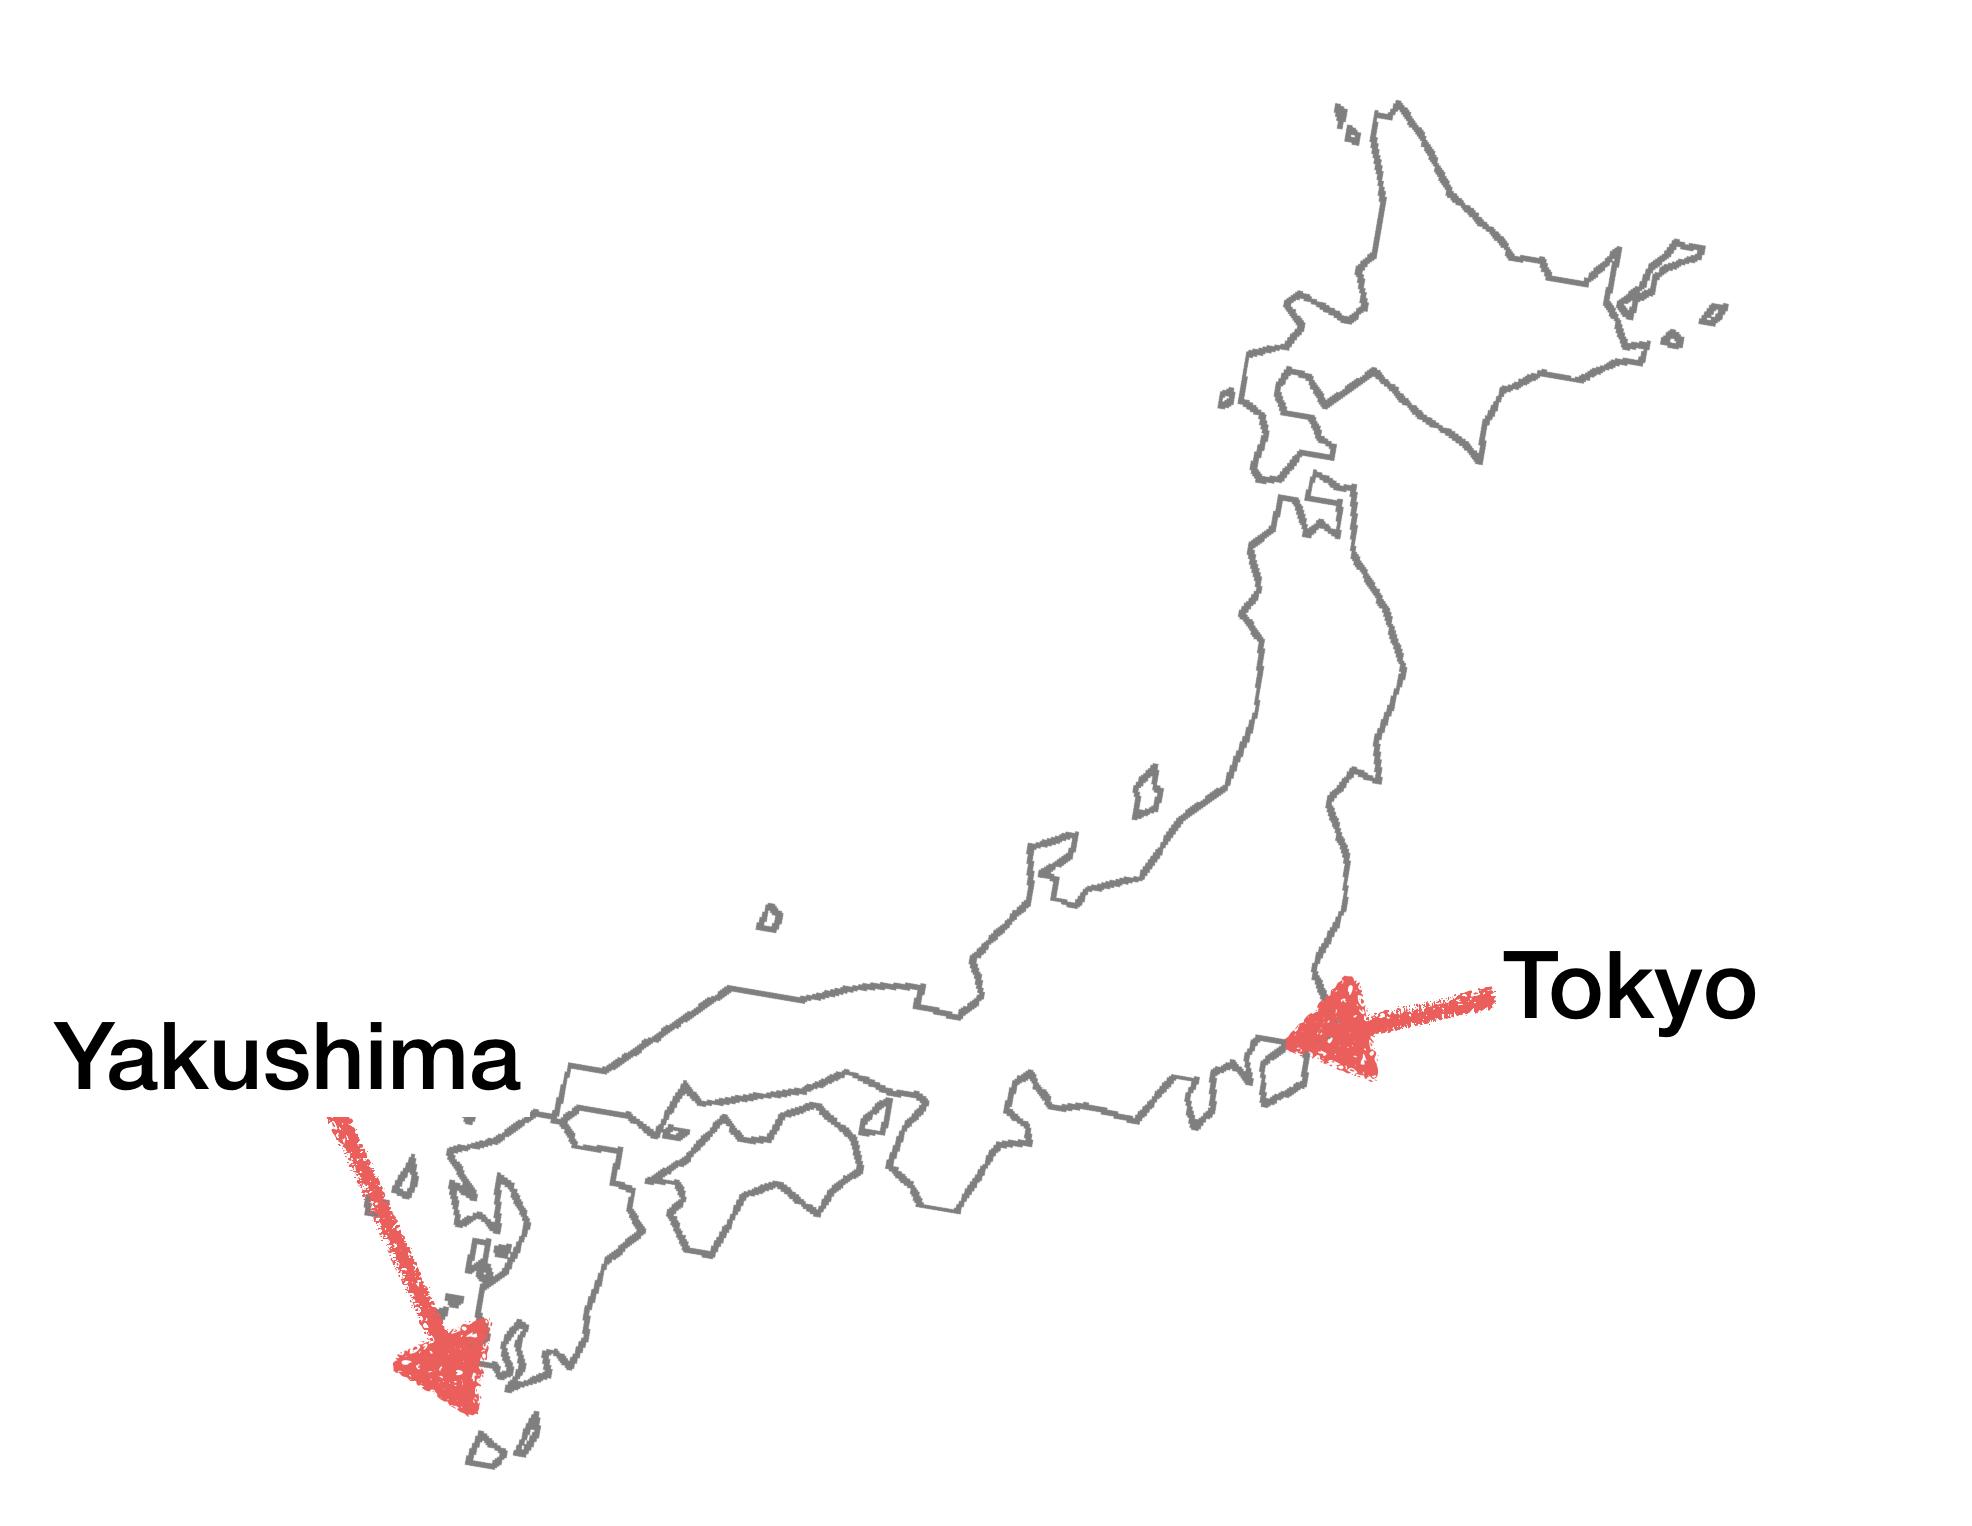 yakushima_location